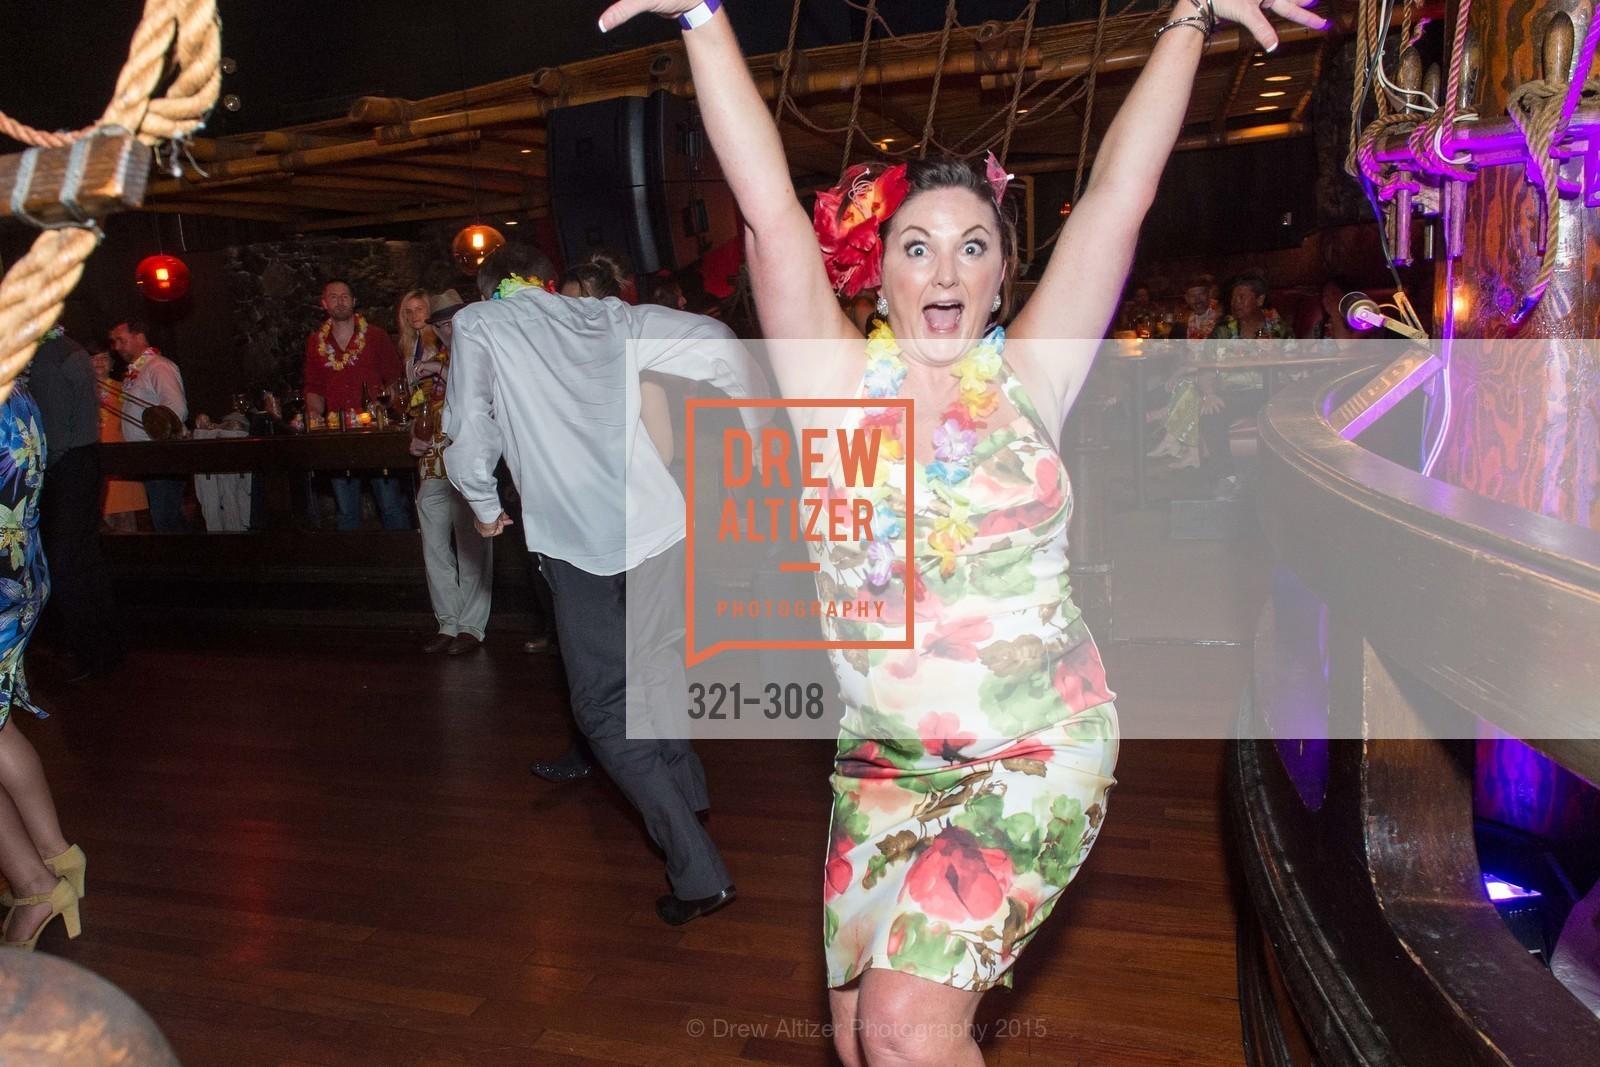 Dance Floor, Photo #321-308